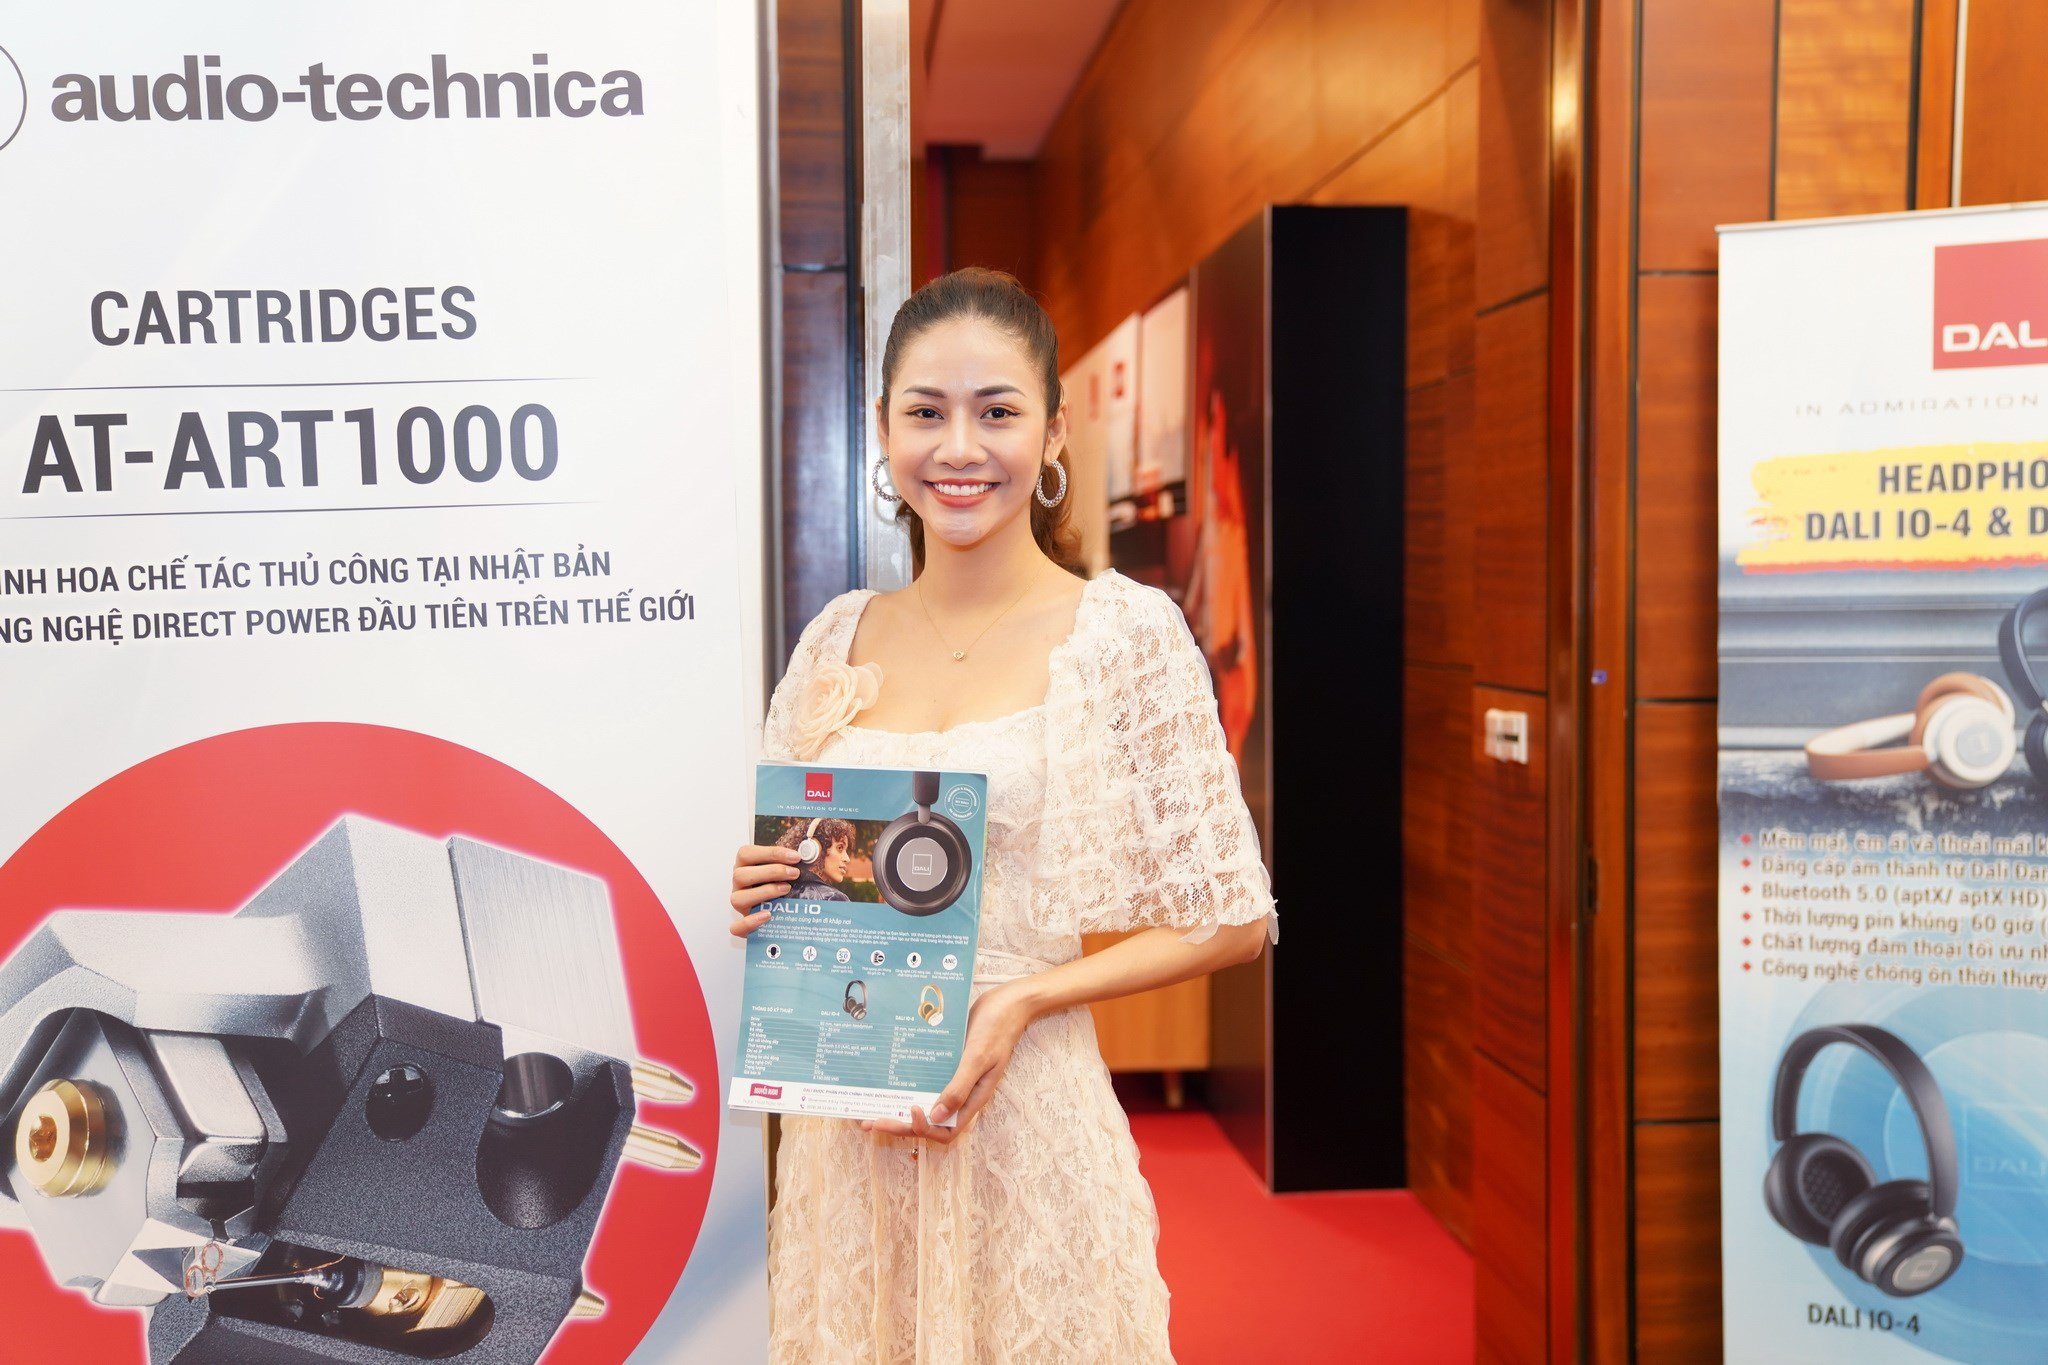 Vòng quanh triển lãm thiết bị nghe nhìn AV Show lần thứ 17 tại Hà Nội